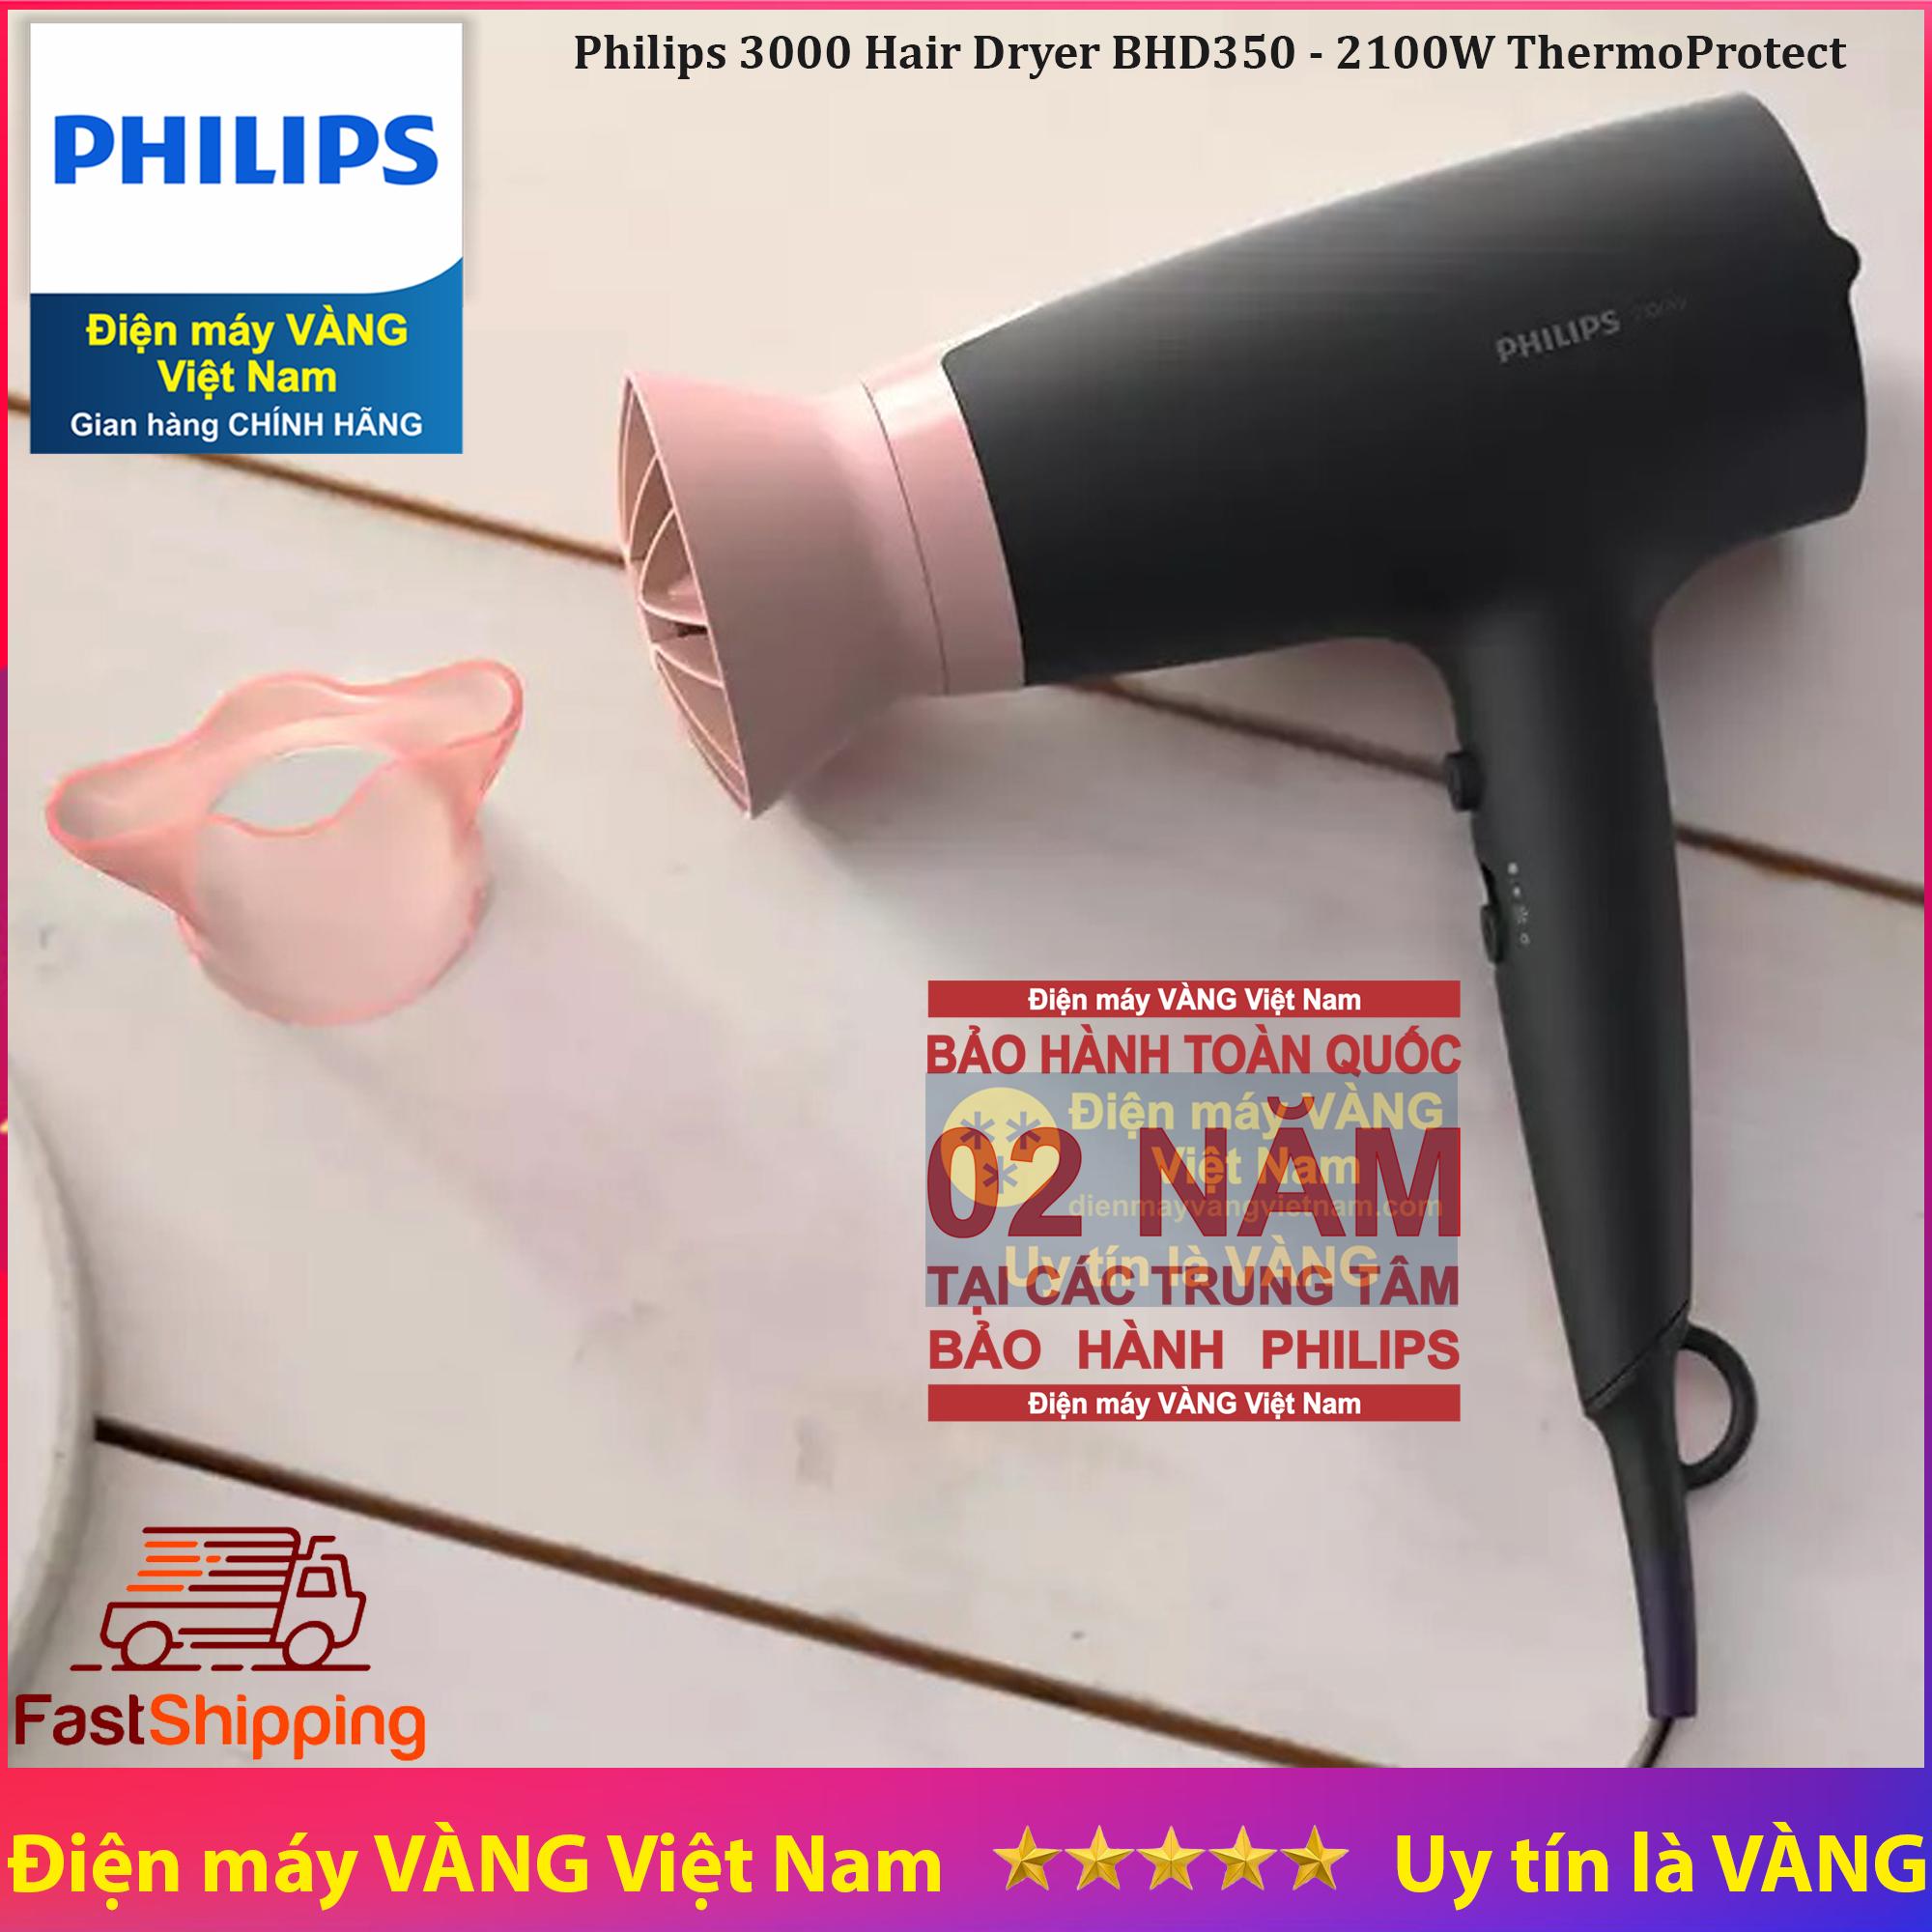 Mua Online Máy Sấy Tóc Philips Chính Hãng, Giá Tốt